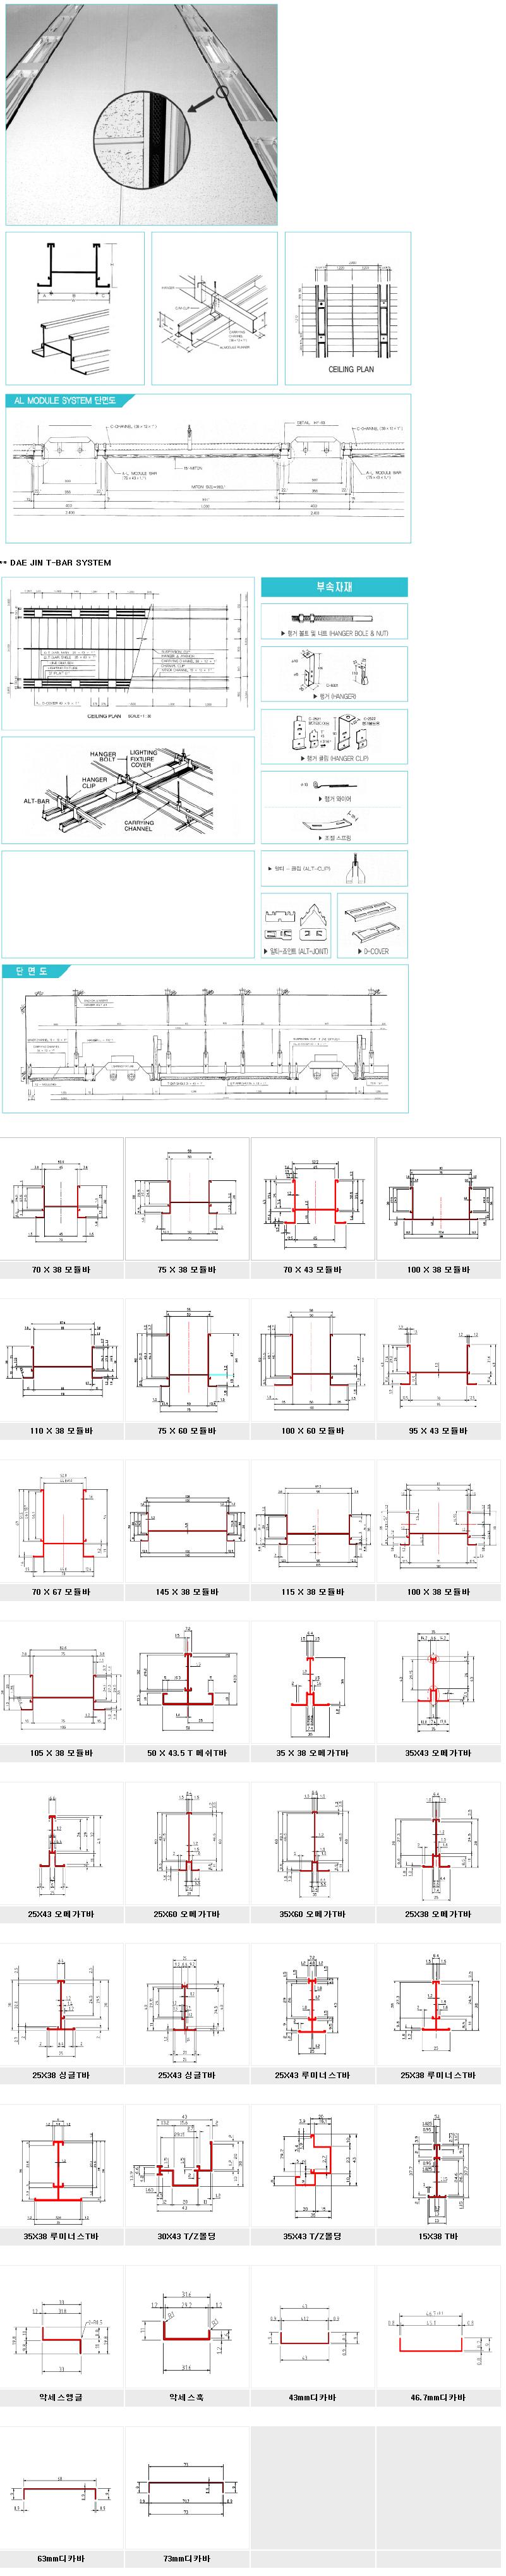 대진알미늄 T바 & 모듈바시스템